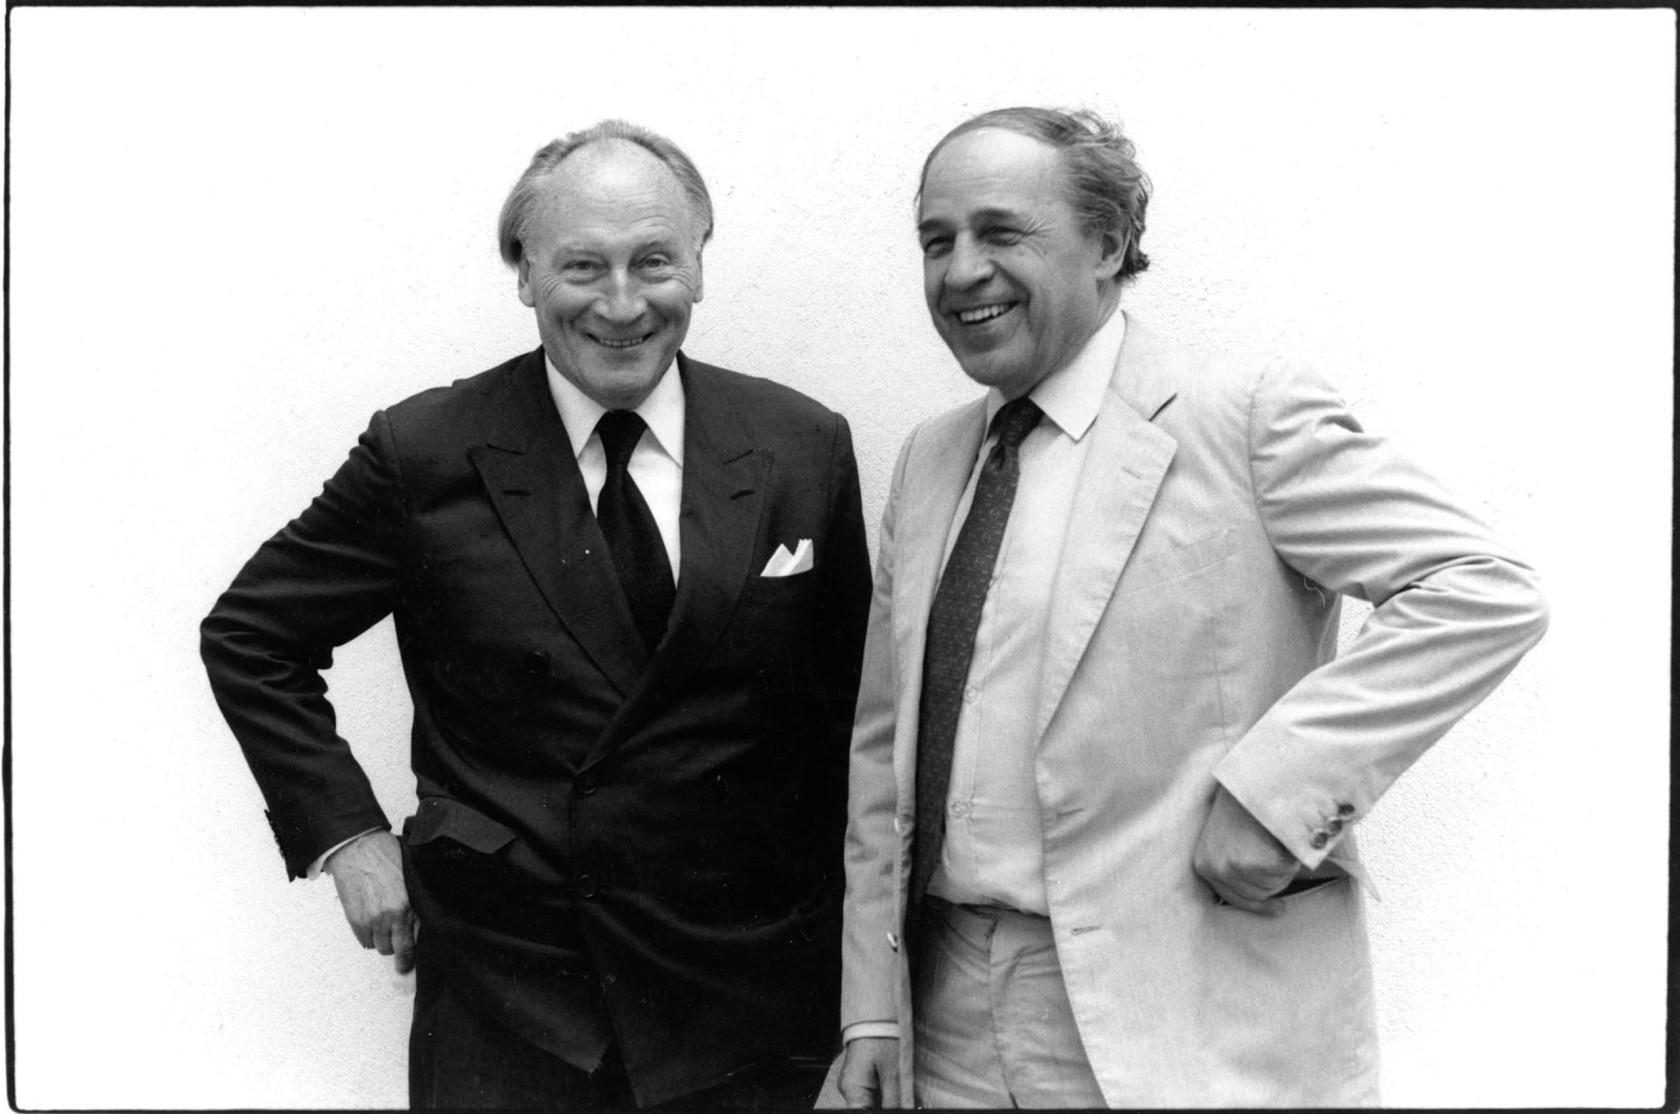 Paul Sacher and Pierre Boulez in Paris 1987 / Paul                Sacher et Pierre Boulez à Paris en 1987. Photo © Marion Kalter. By permission.